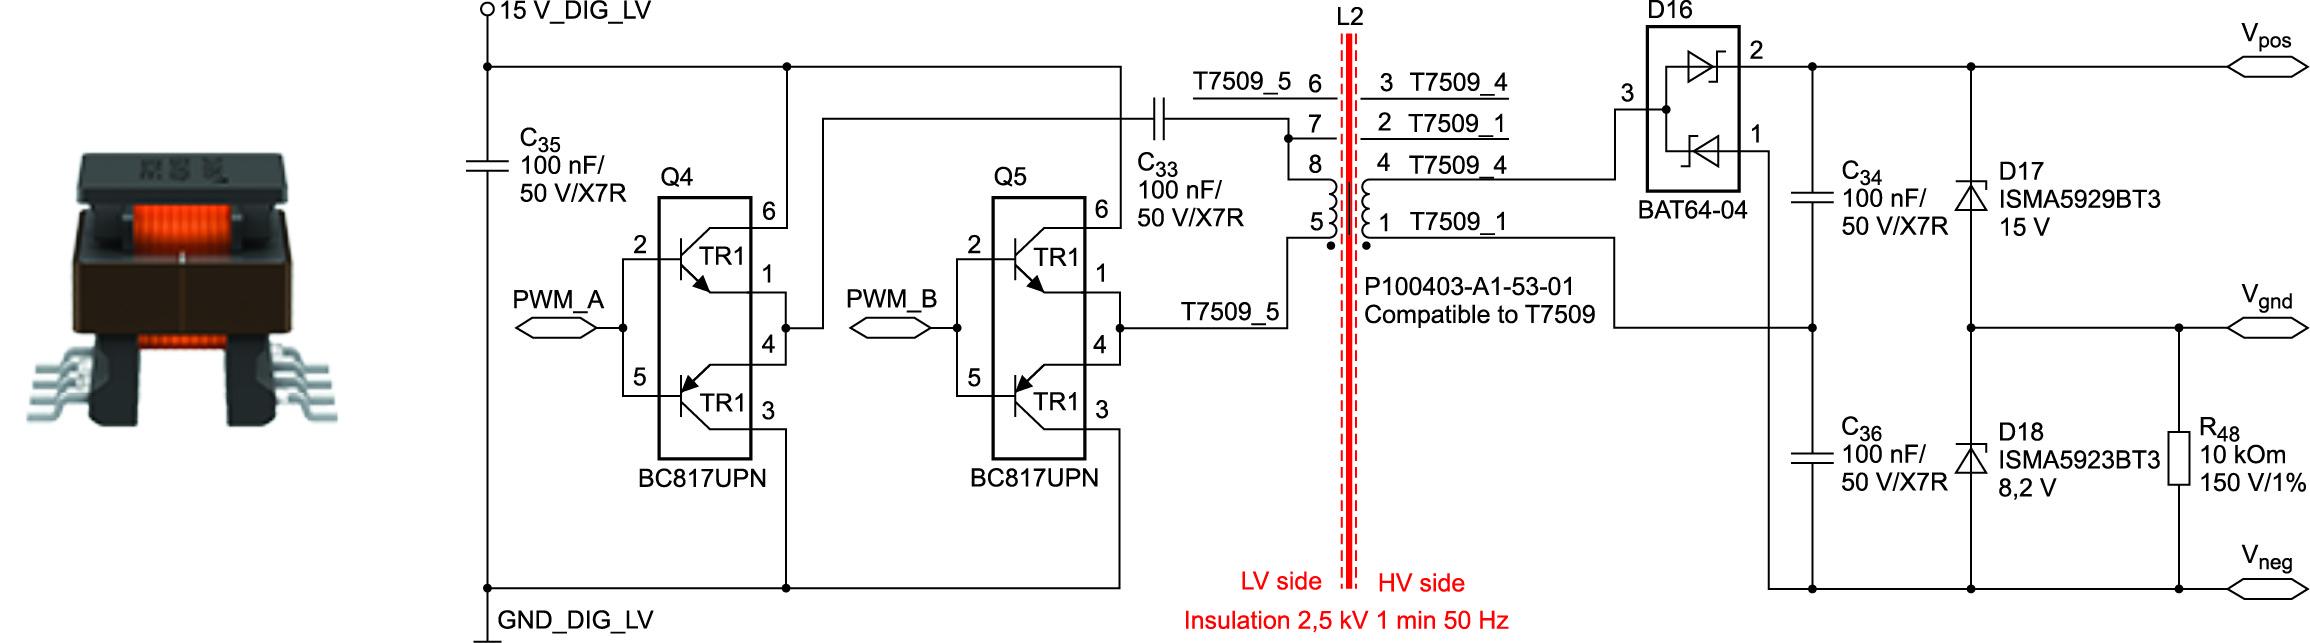 Целью применения трансформатора в драйвере затворов является гальваническая изоляция высоковольтных и низковольтных цепей